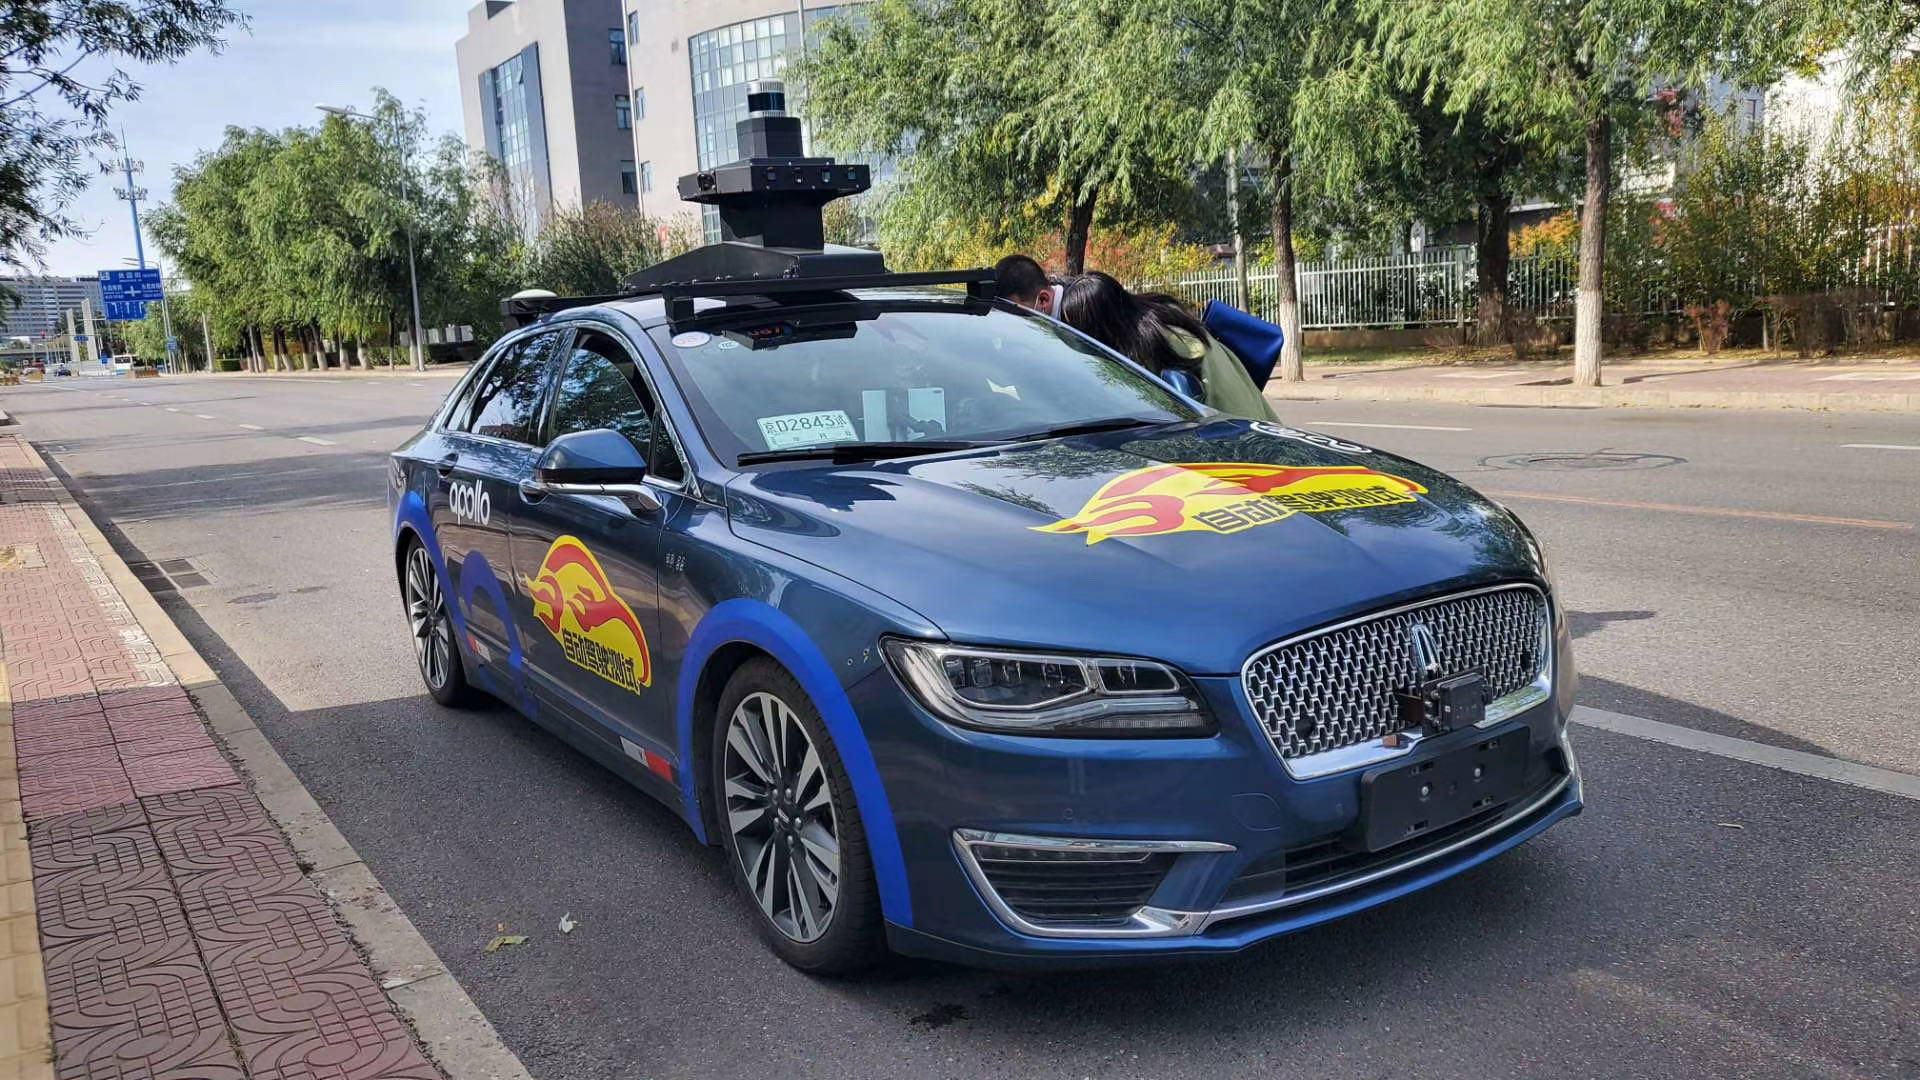 自动驾驶出租车北京投入使用,将对生活方式产生多大的改变